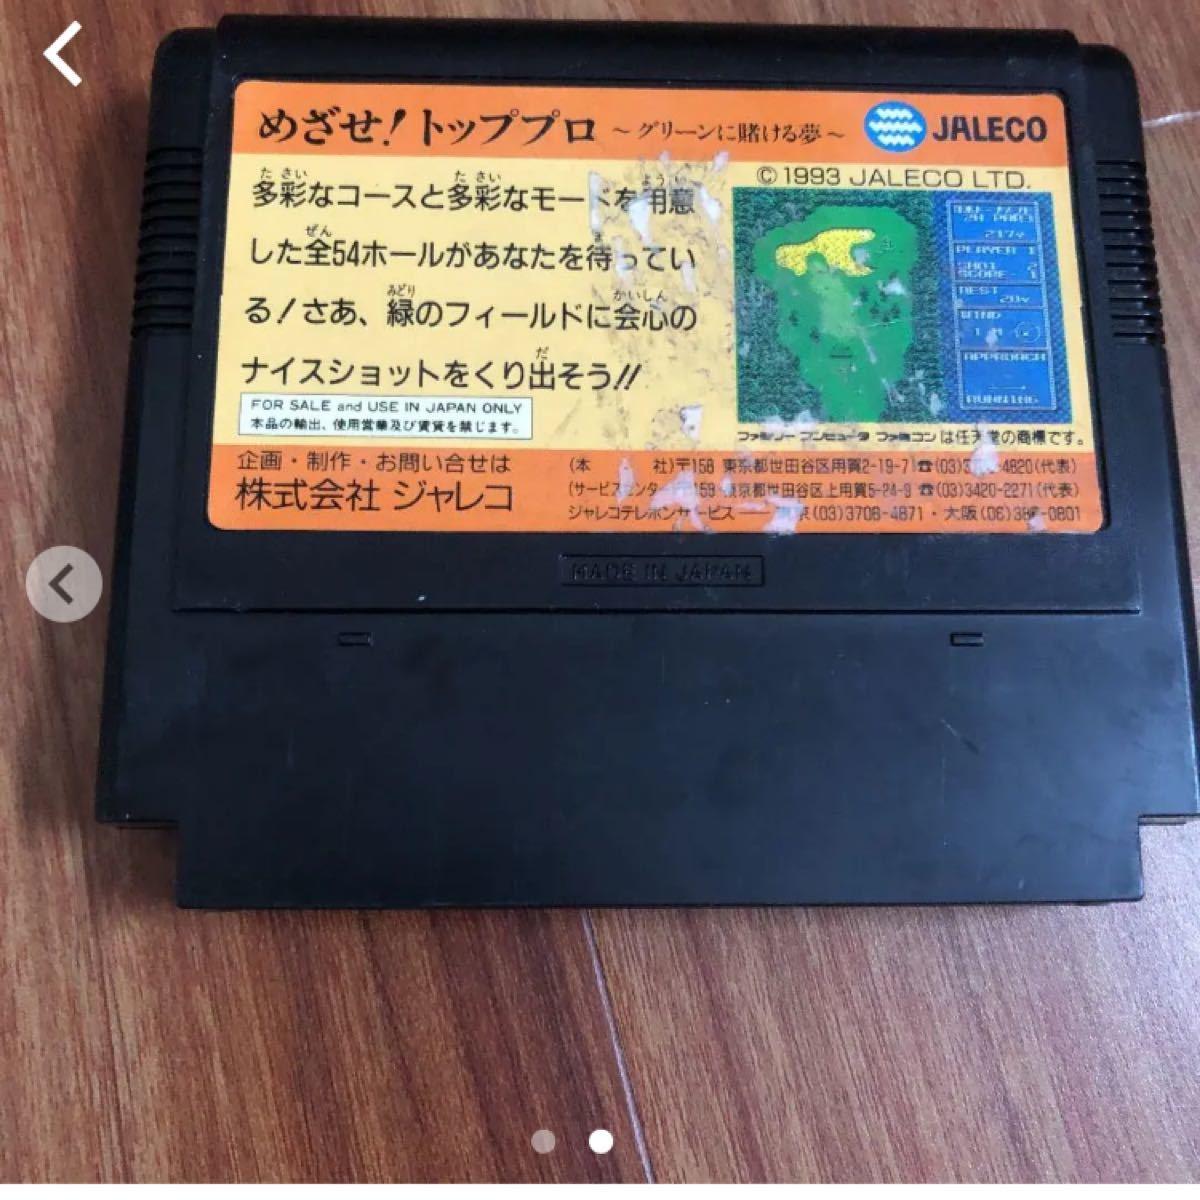 ファミリーコンピュータ めざせトッププロ